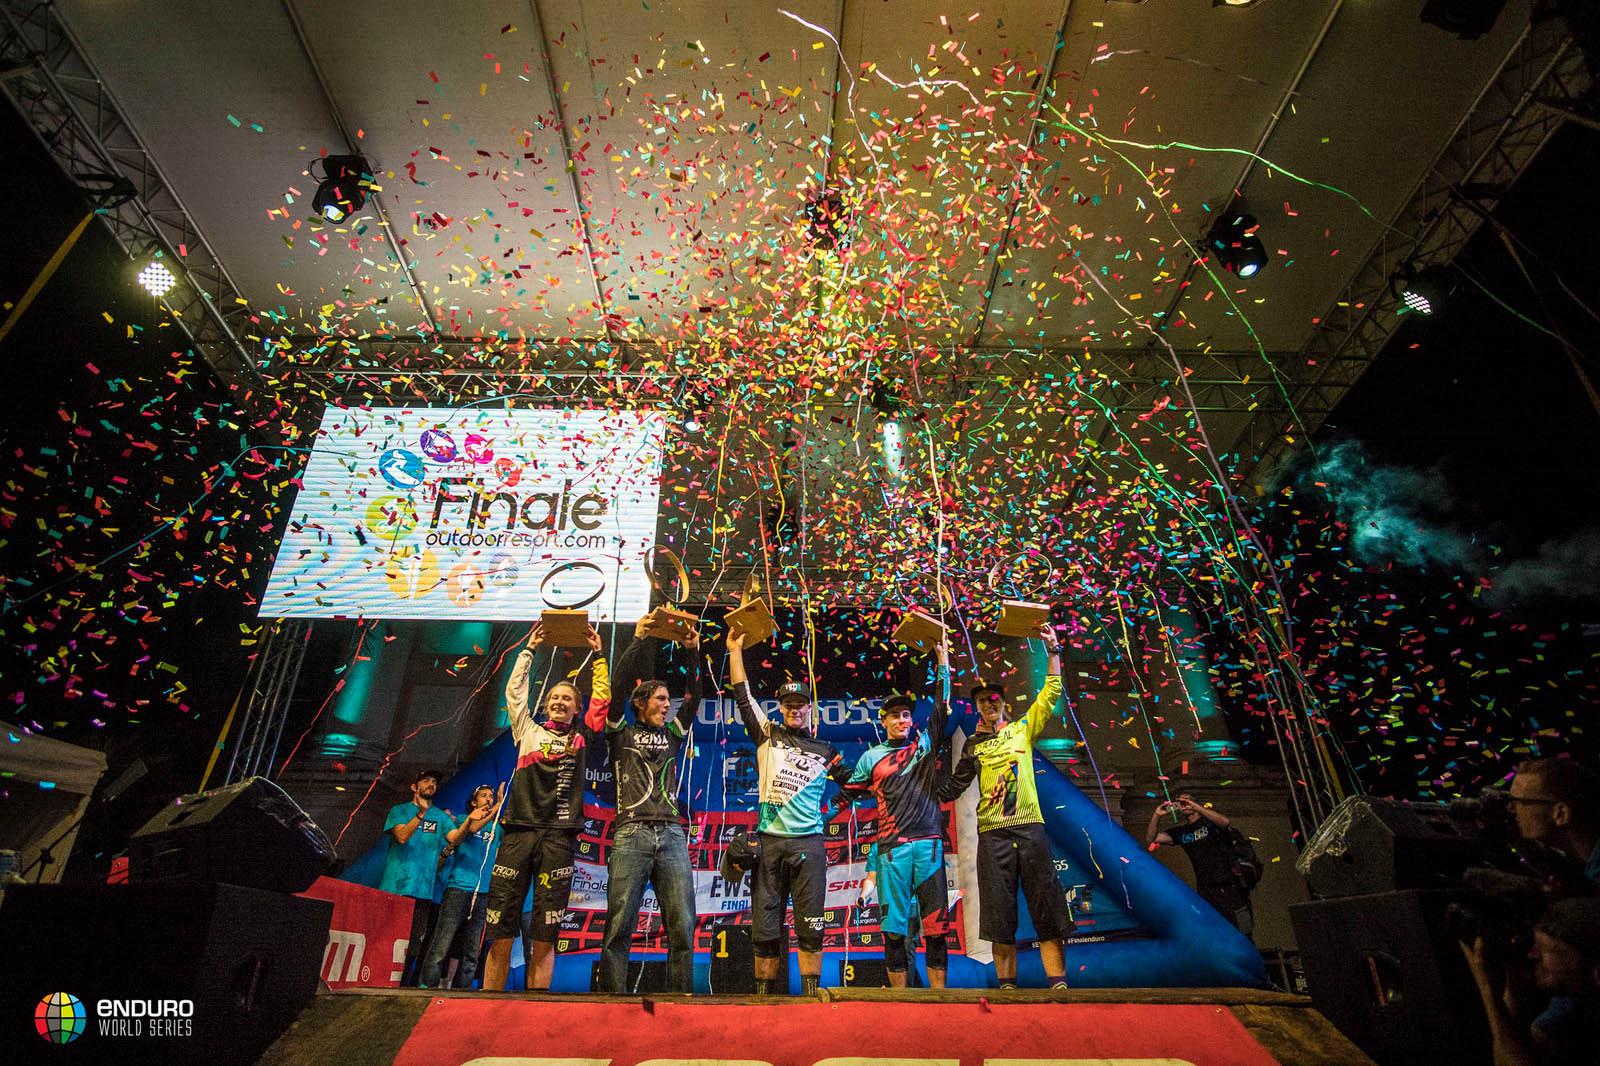 Das sind die stolzen Gesamtsieger der Enduro World Series 2016!